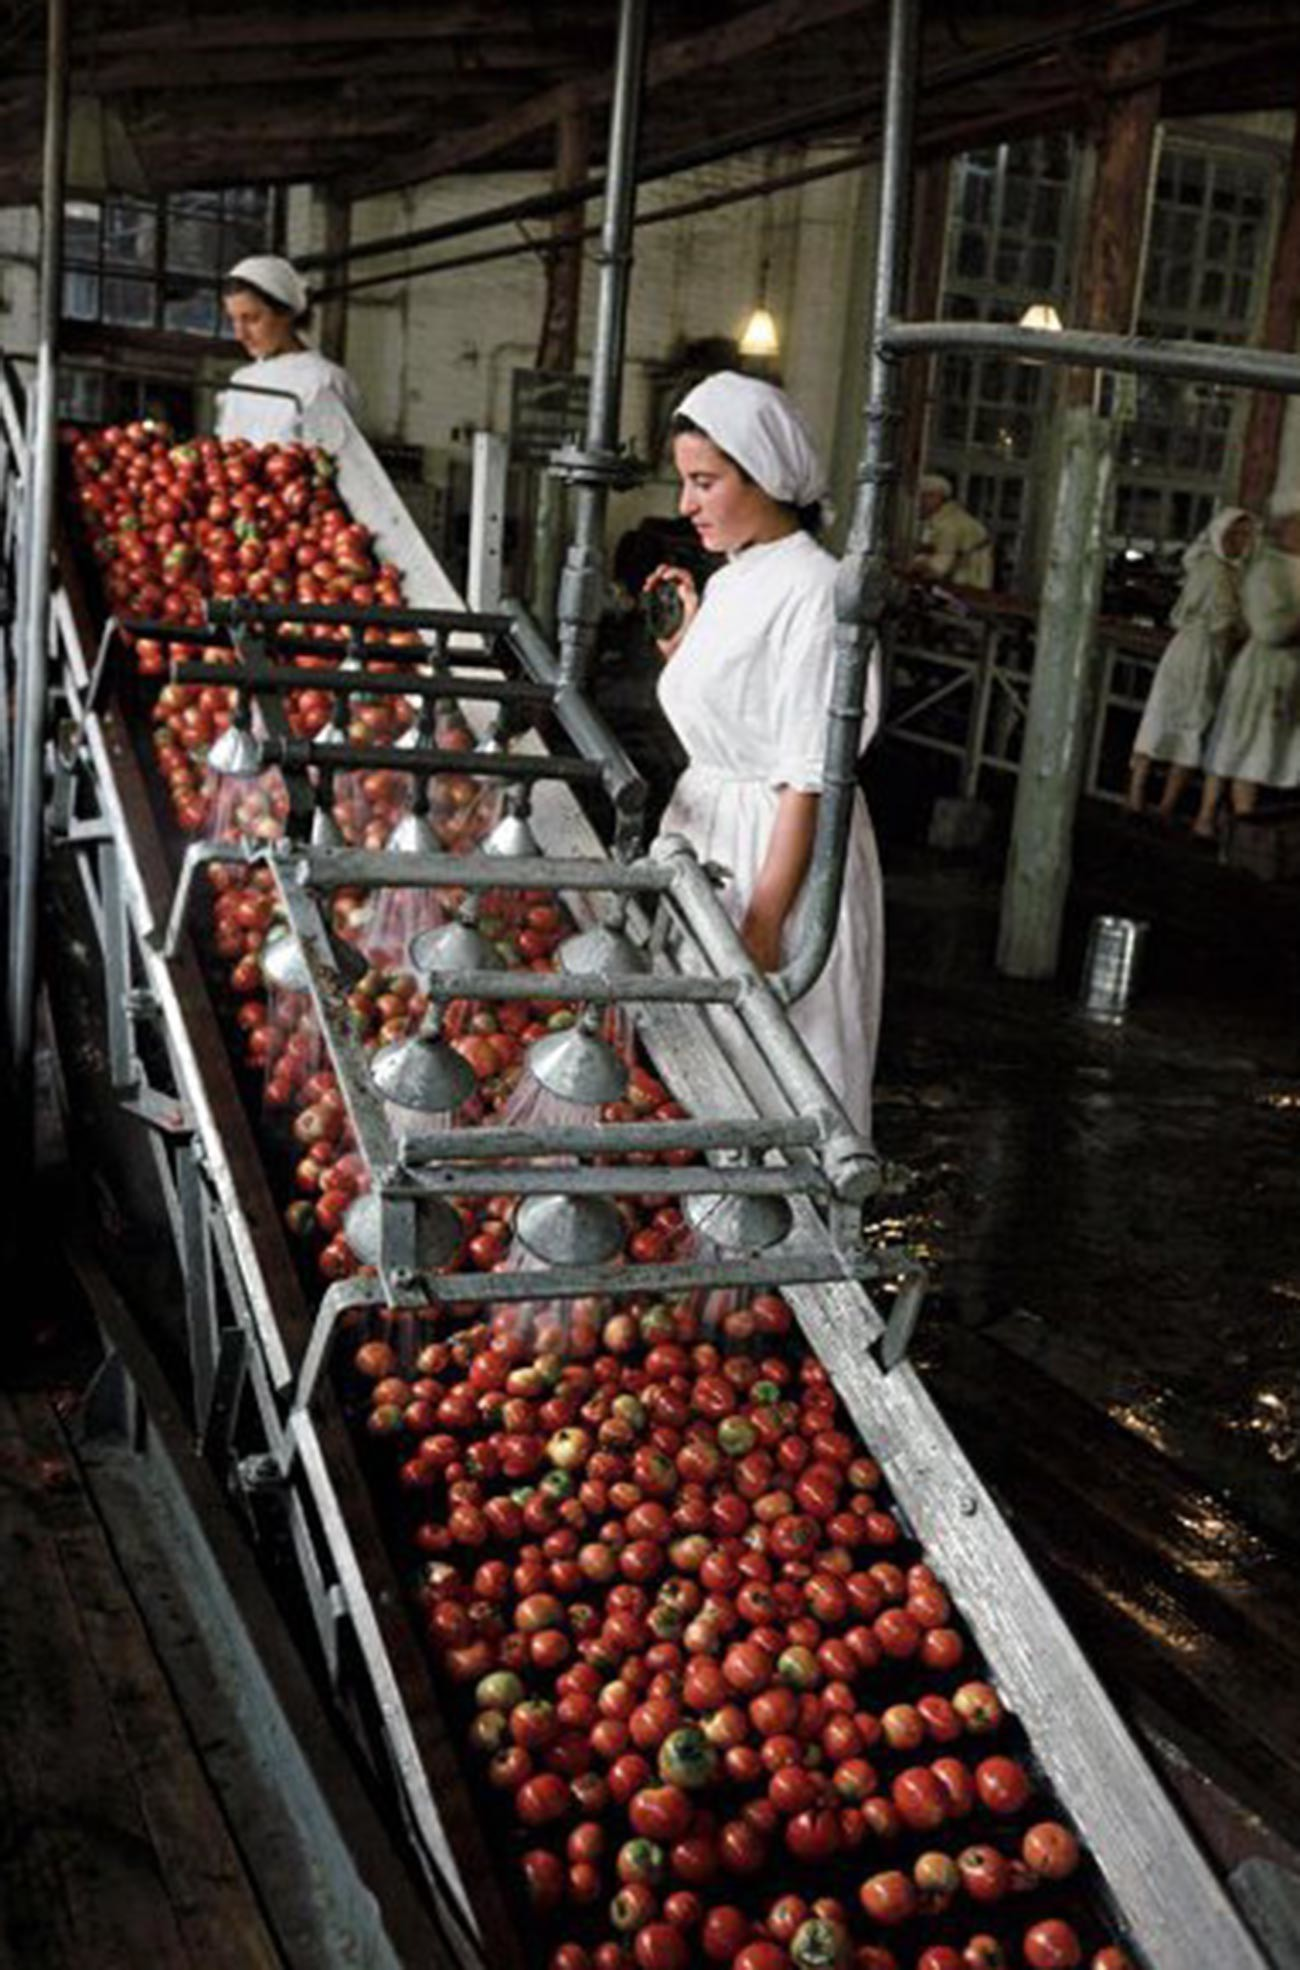 Paradižniki pri Prvomajski konzervni tovarni v Tiraspolu, 1953